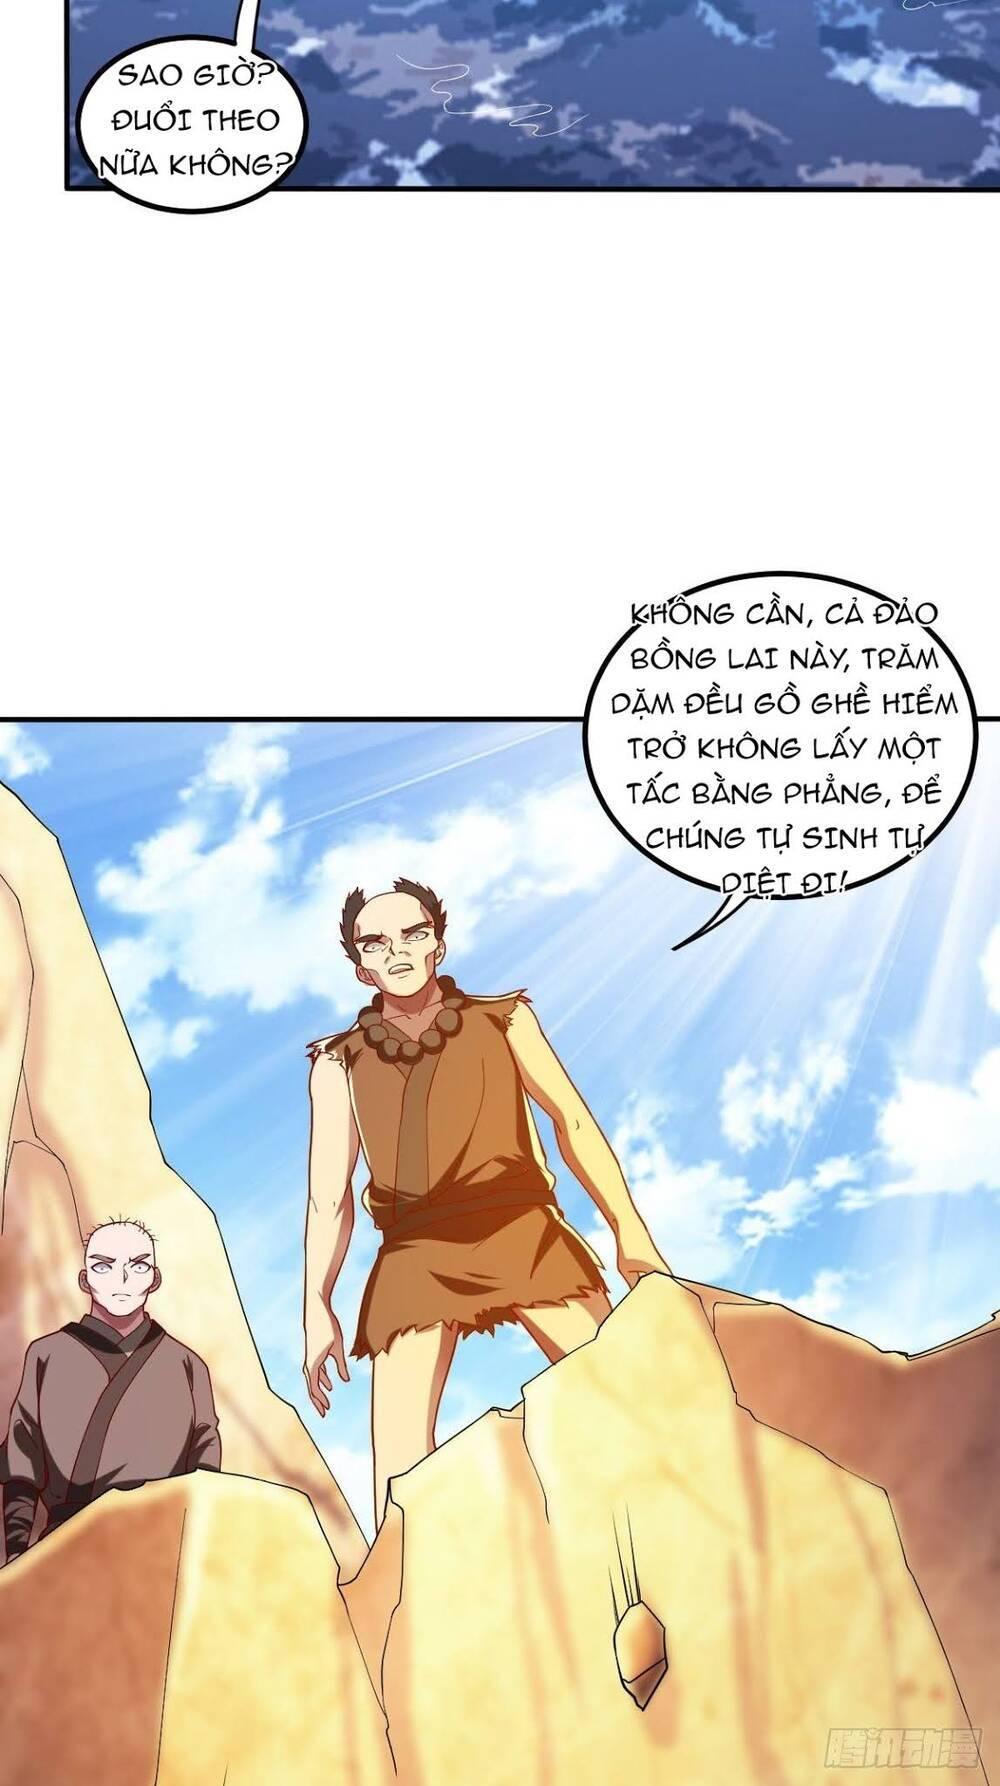 CỤC GẠCH XÔNG VÀO DỊ GIỚI Chapter 24 - upload bởi truyensieuhay.com